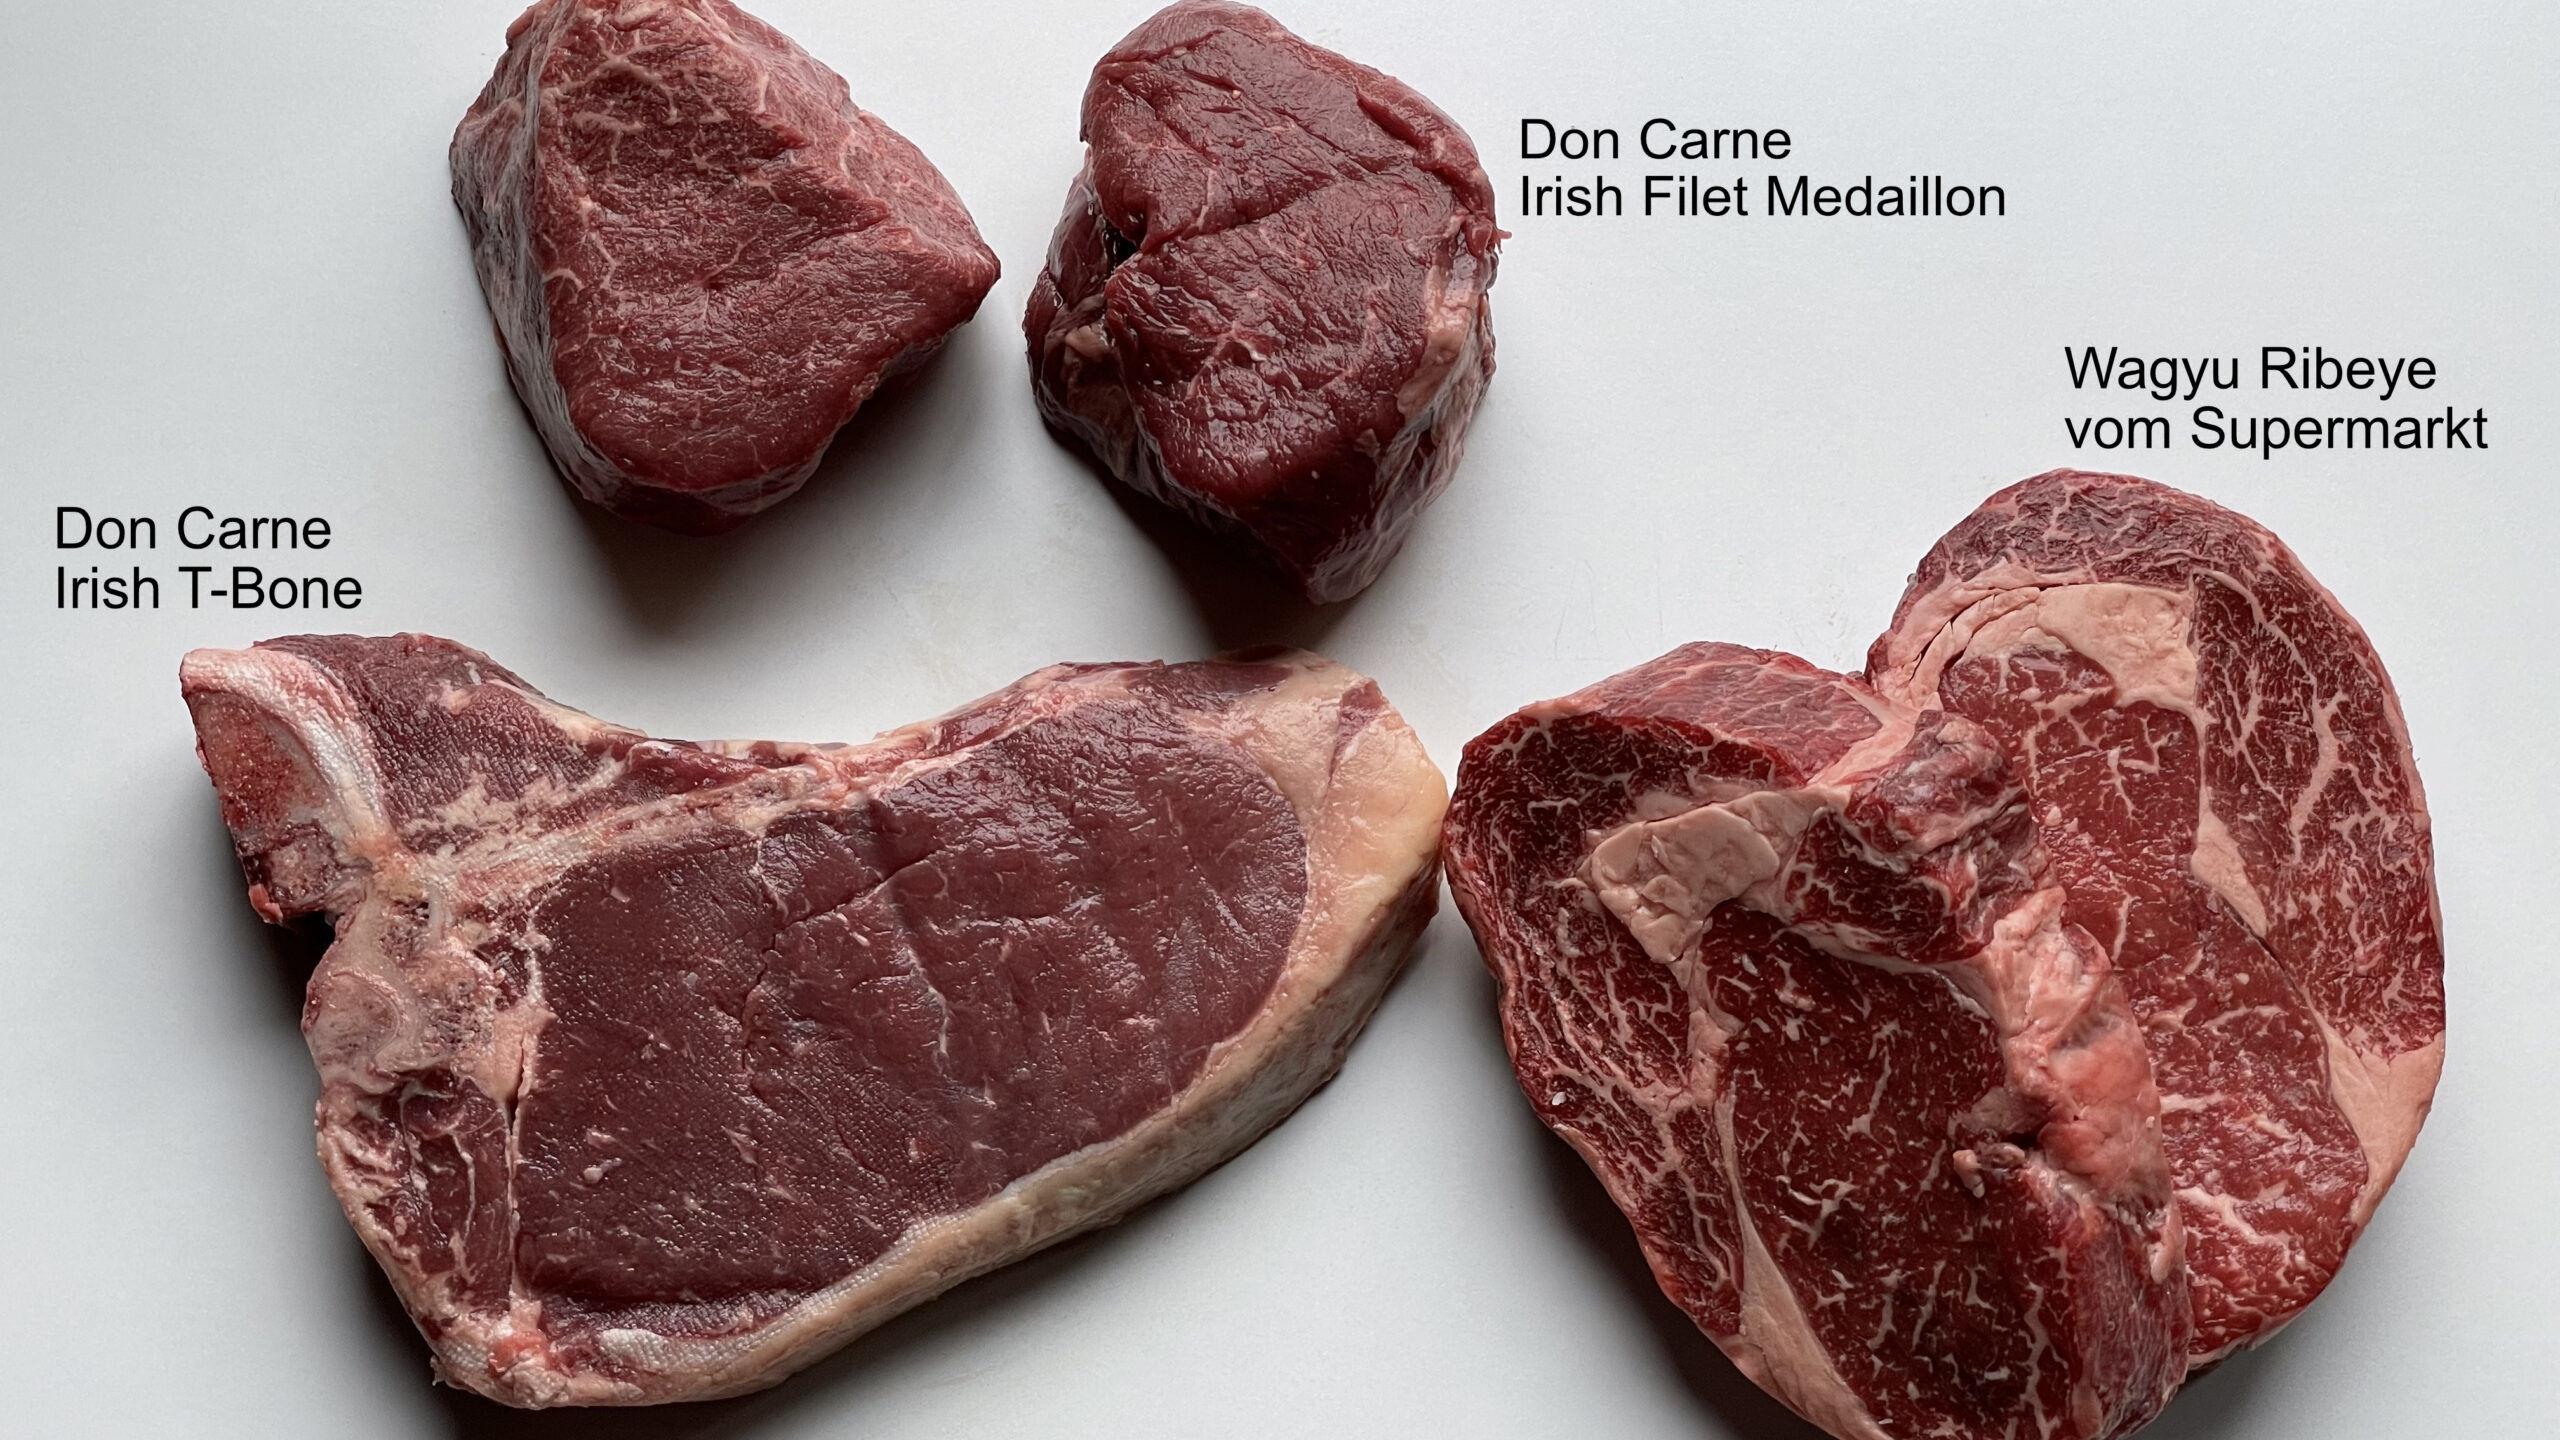 Don Carne (doncarne.de vs. Edeka Supermarkt